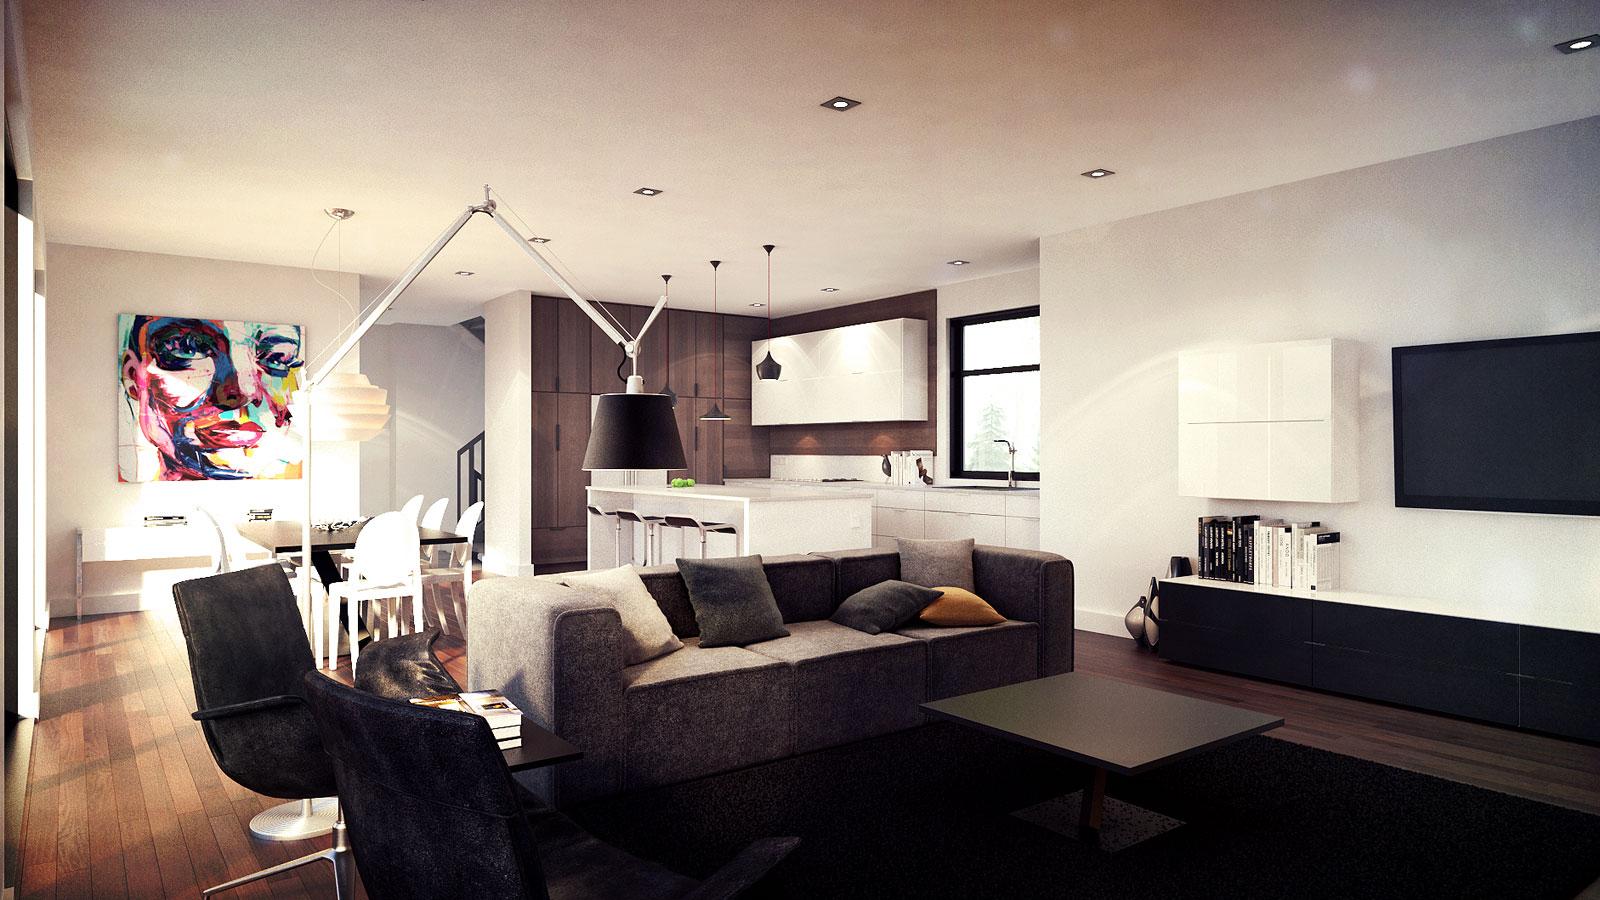 Mod le c le projet zone c r sidence dans un quartier for Architecture quebecoise